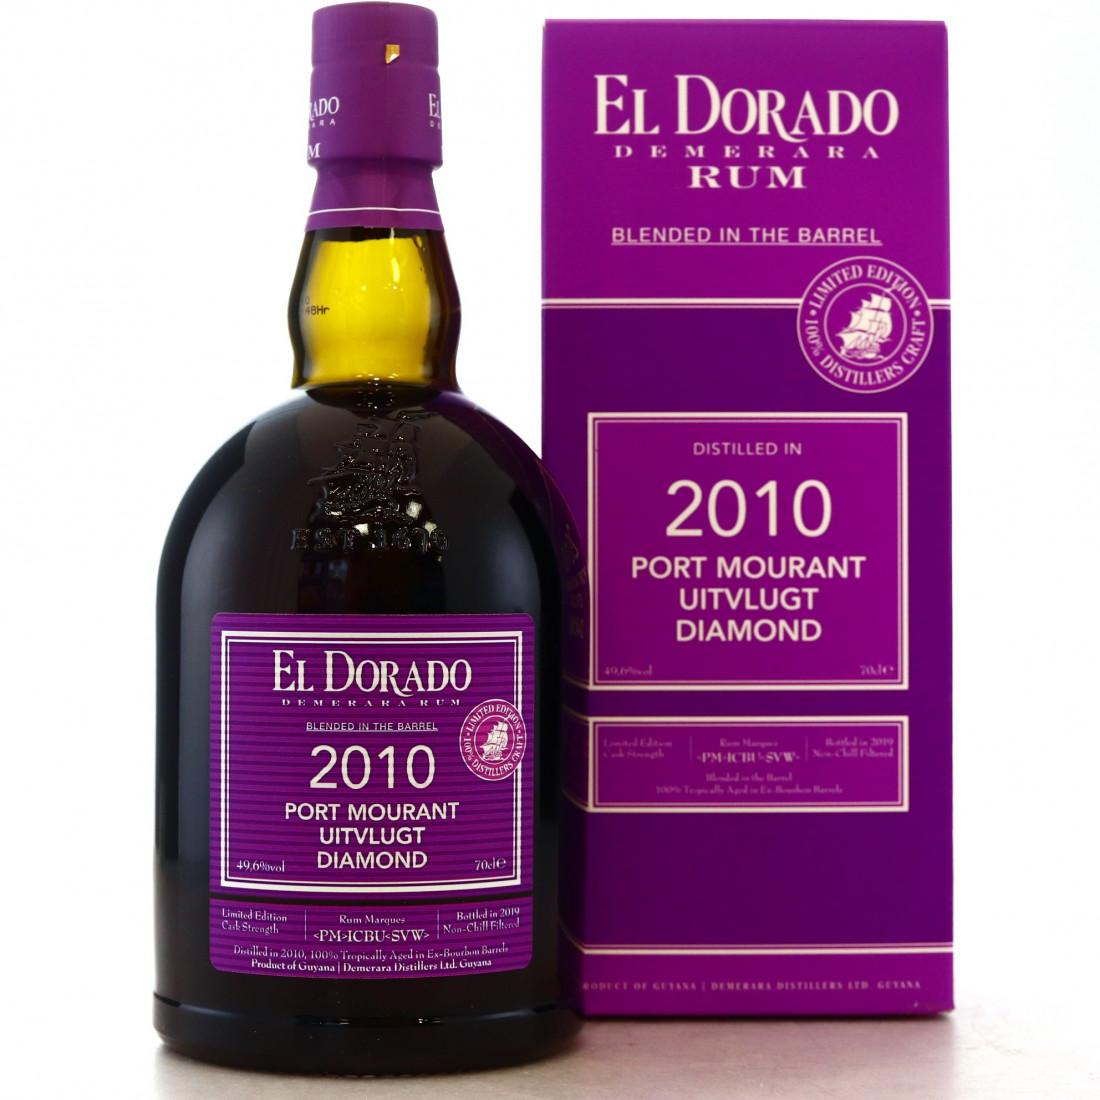 Port Mourant, Uitvlugt and Diamond <PM>ICBU<SVW> 2010 El Dorado Blended in the Barrel